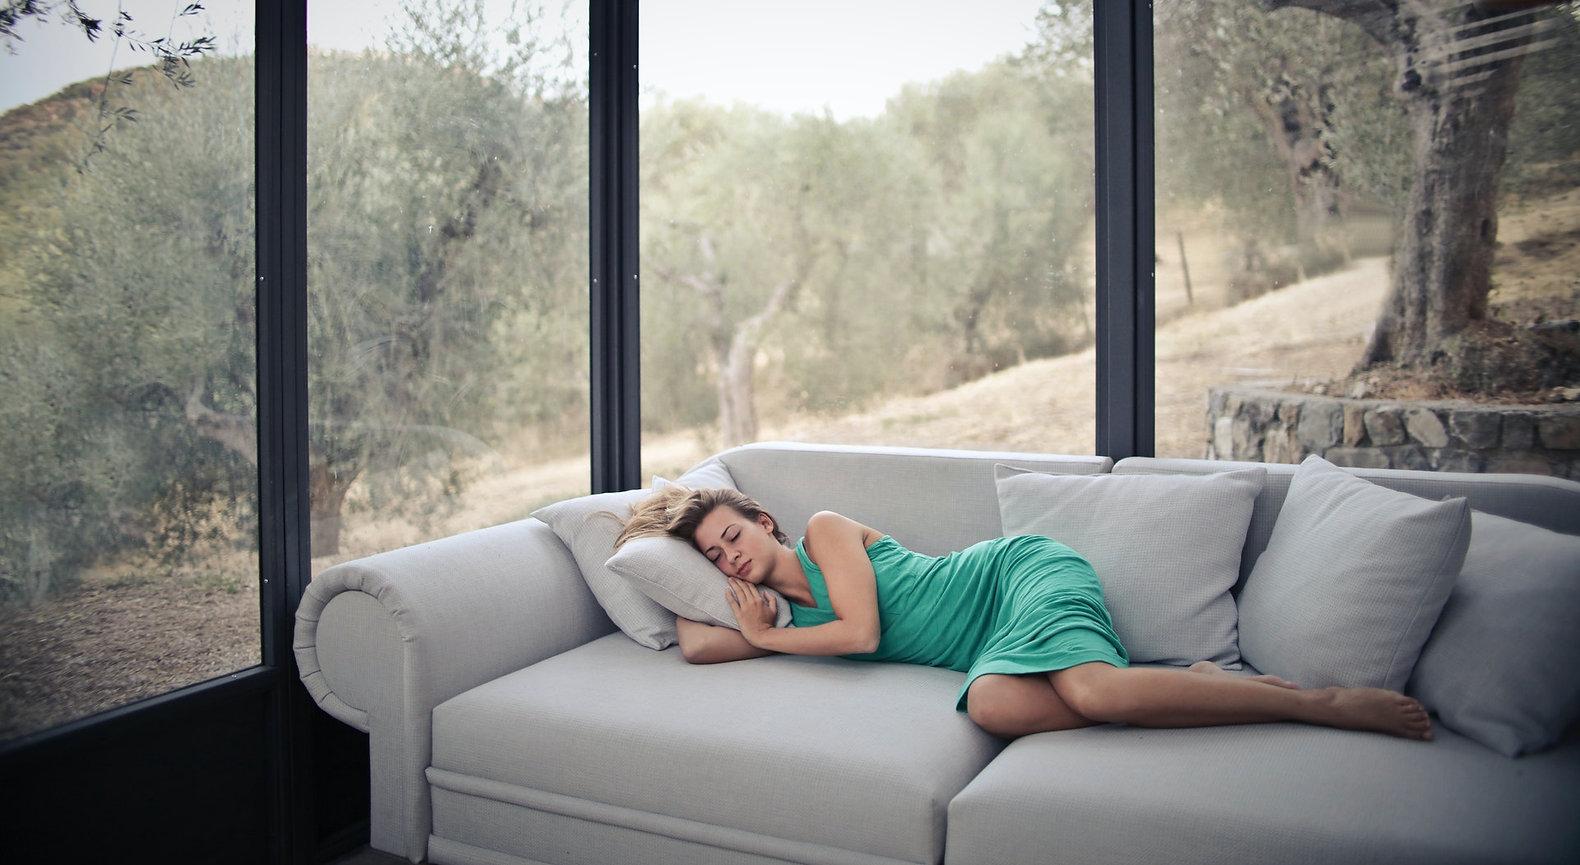 Sleep-Retreat - Schlafhotel | Anders reisen, alternative Reisen, Reisetrends, außergewöhnliche Reisen, exklusive Reisen